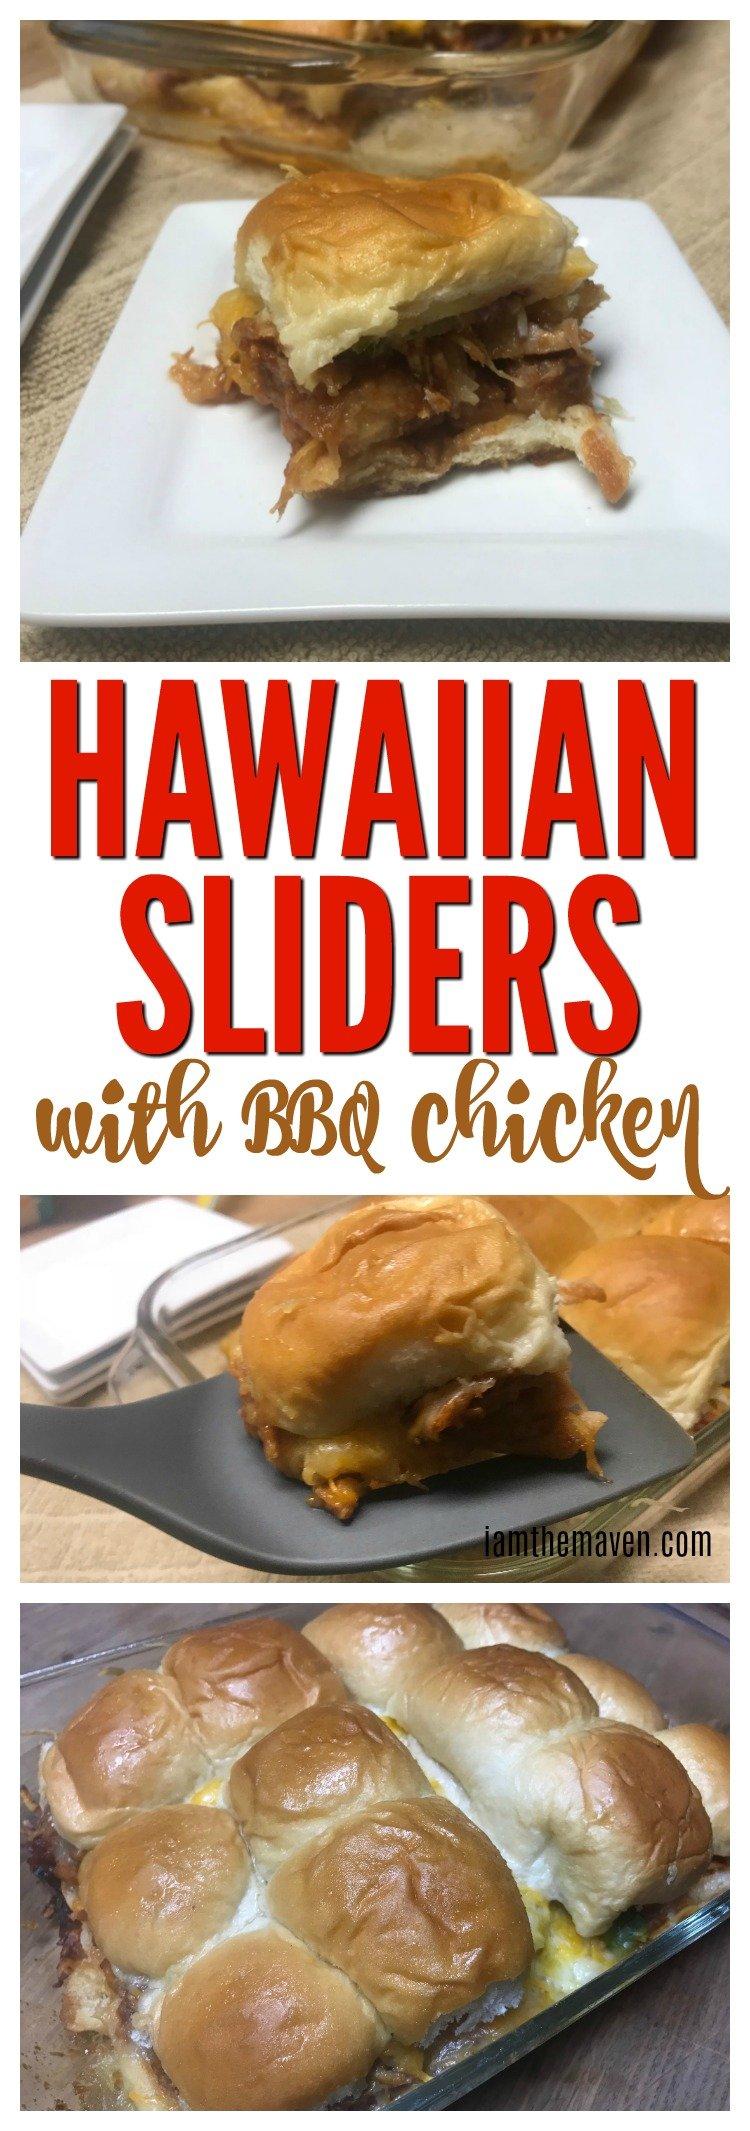 Looking for the perfect Hawaiian Sliders recipe? This BBQ chicken sliders recipe is perfect for game day food. Who doesn't love Hawaiian roll sliders?